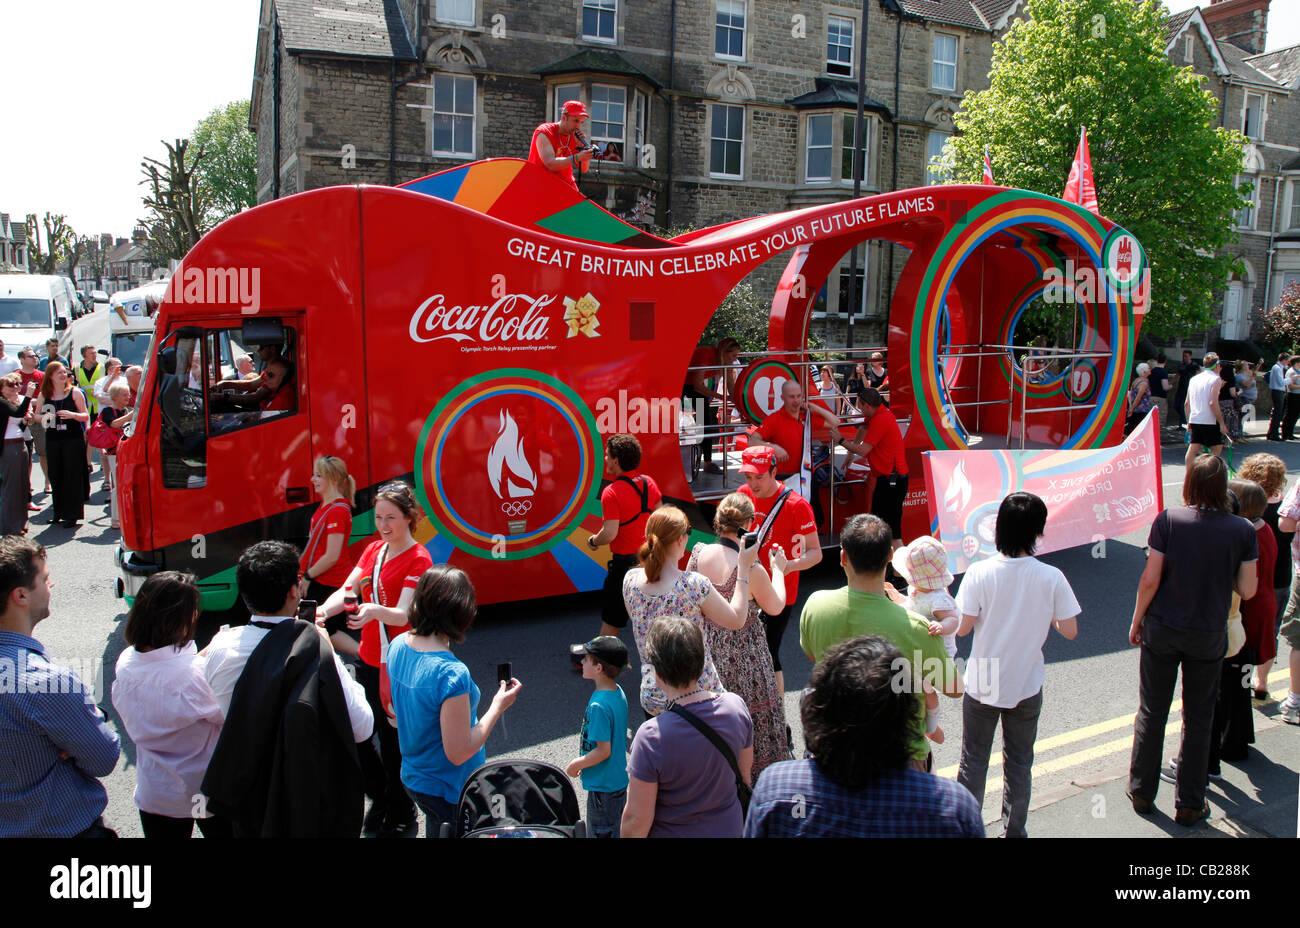 Mittwoch, 23. Mai 2012.  Swindon, Wiltshire, England, UK. Der Coca-Cola-Trainer signalisiert die bevorstehende Ankunft Stockbild